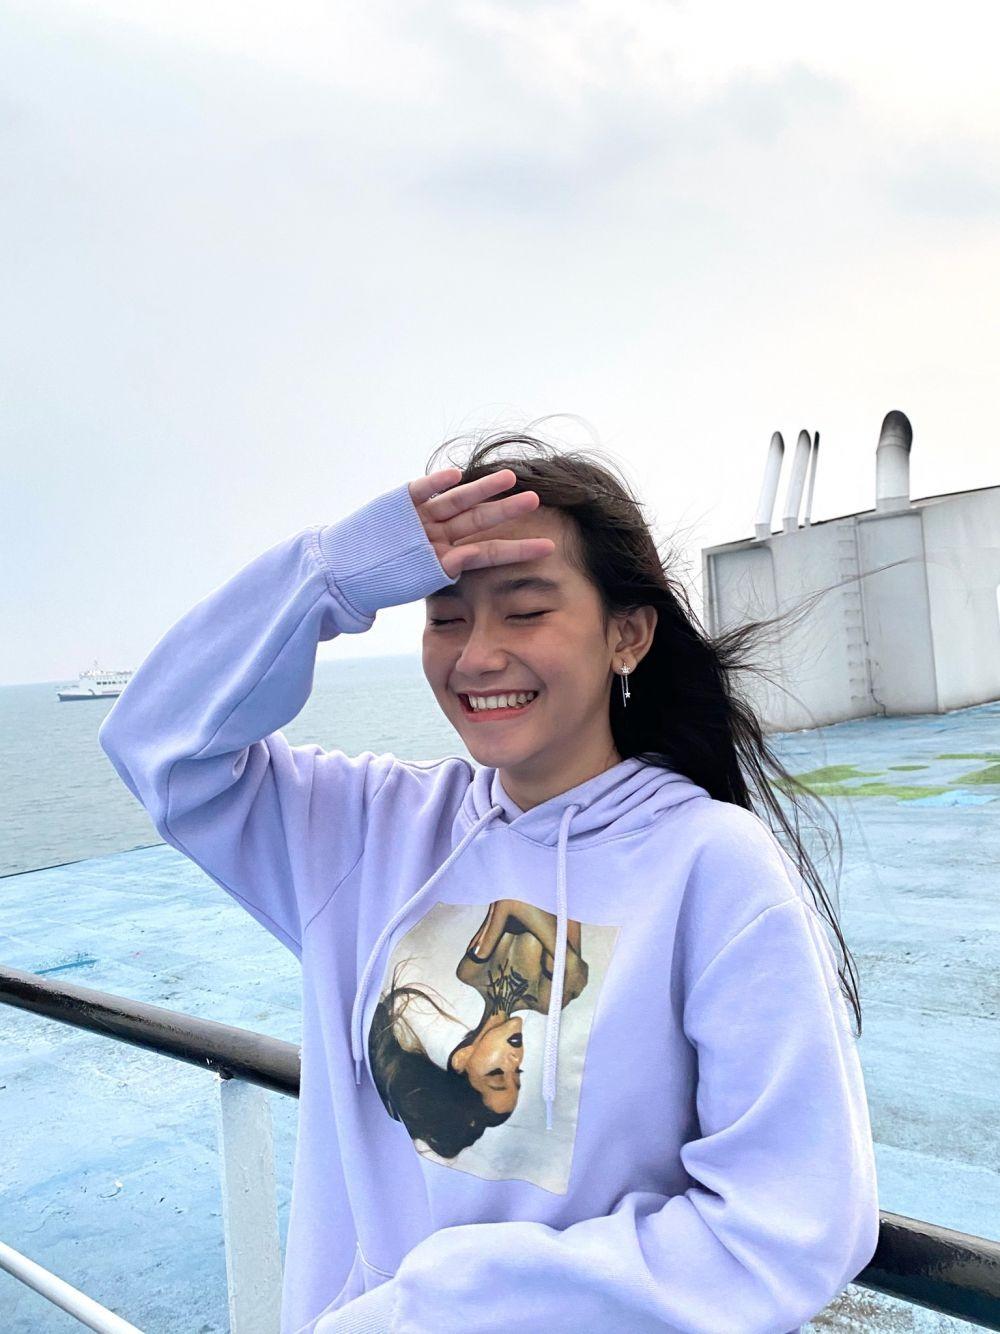 10 Pesona Freya JKT48 yang Bikin Penggemarnya Kelepek-kelepek